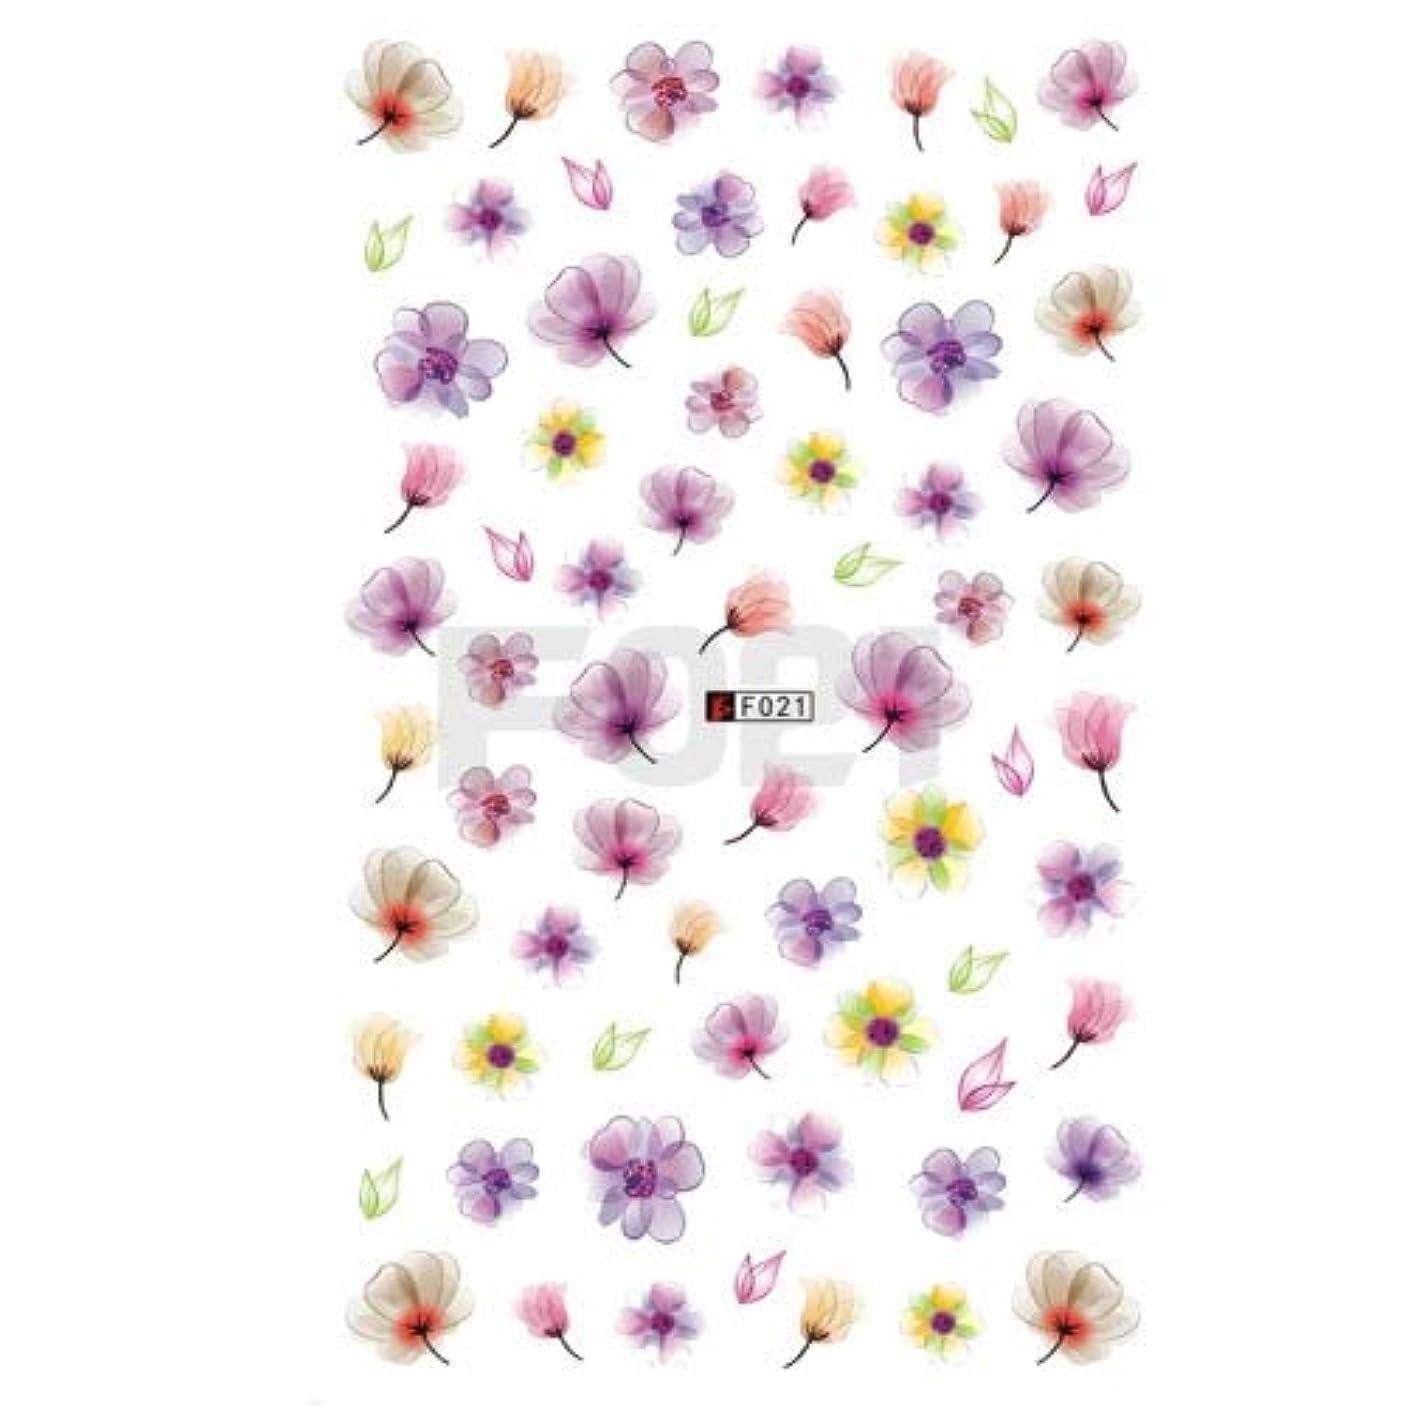 瀬戸際言い換えるとロッカービューティー&パーソナルケア 3個の3Dネイルステッカー咲く花3Dネイルアートステッカーデカール(F199) ステッカー&デカール (色 : F021)